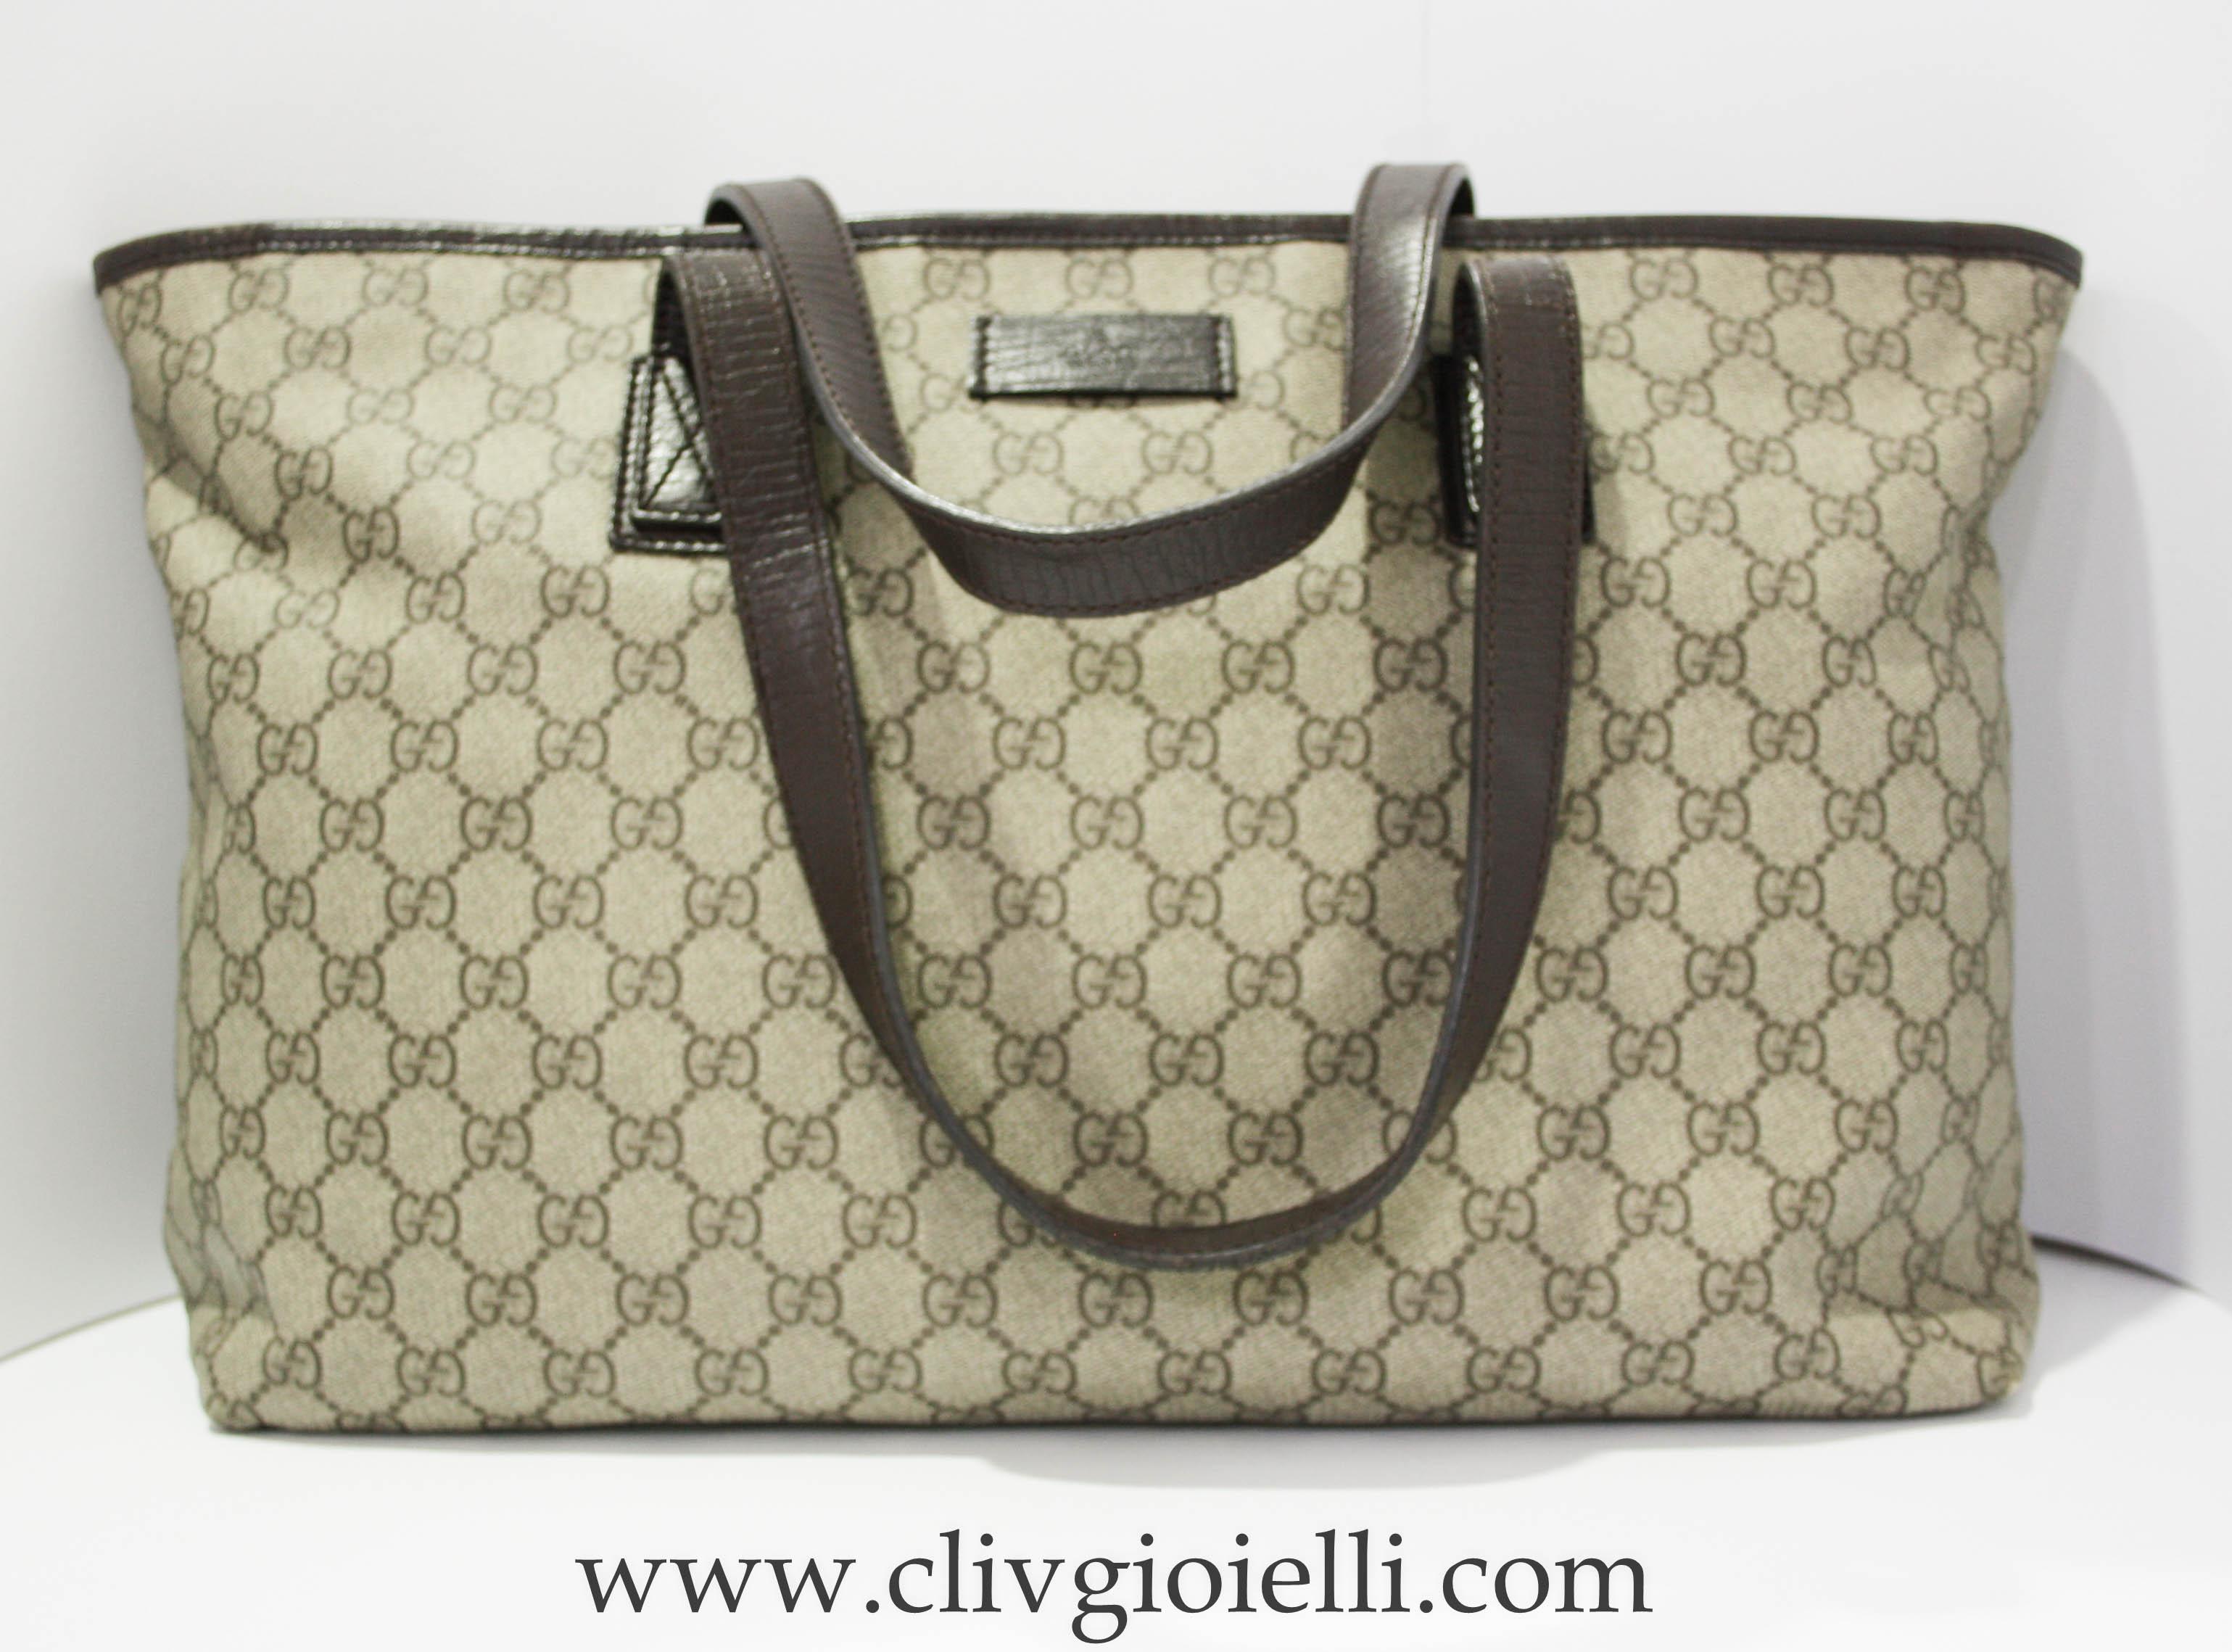 7bc81f7f0d Borsa Gucci Shopping | Cliv | Gioielli ed Orologi